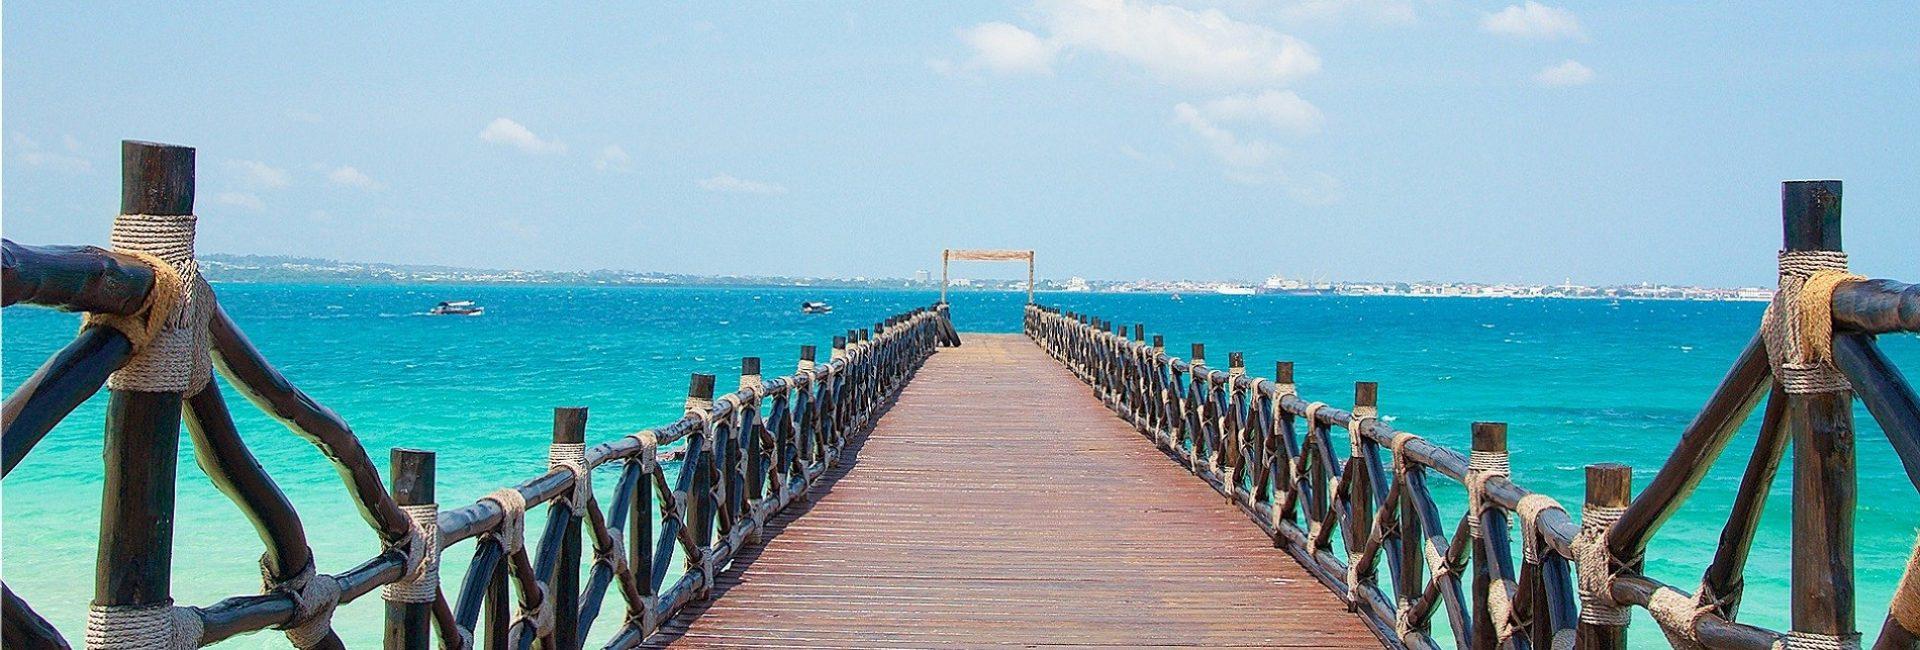 Zanzibar - putovanje prepuno kontrasta